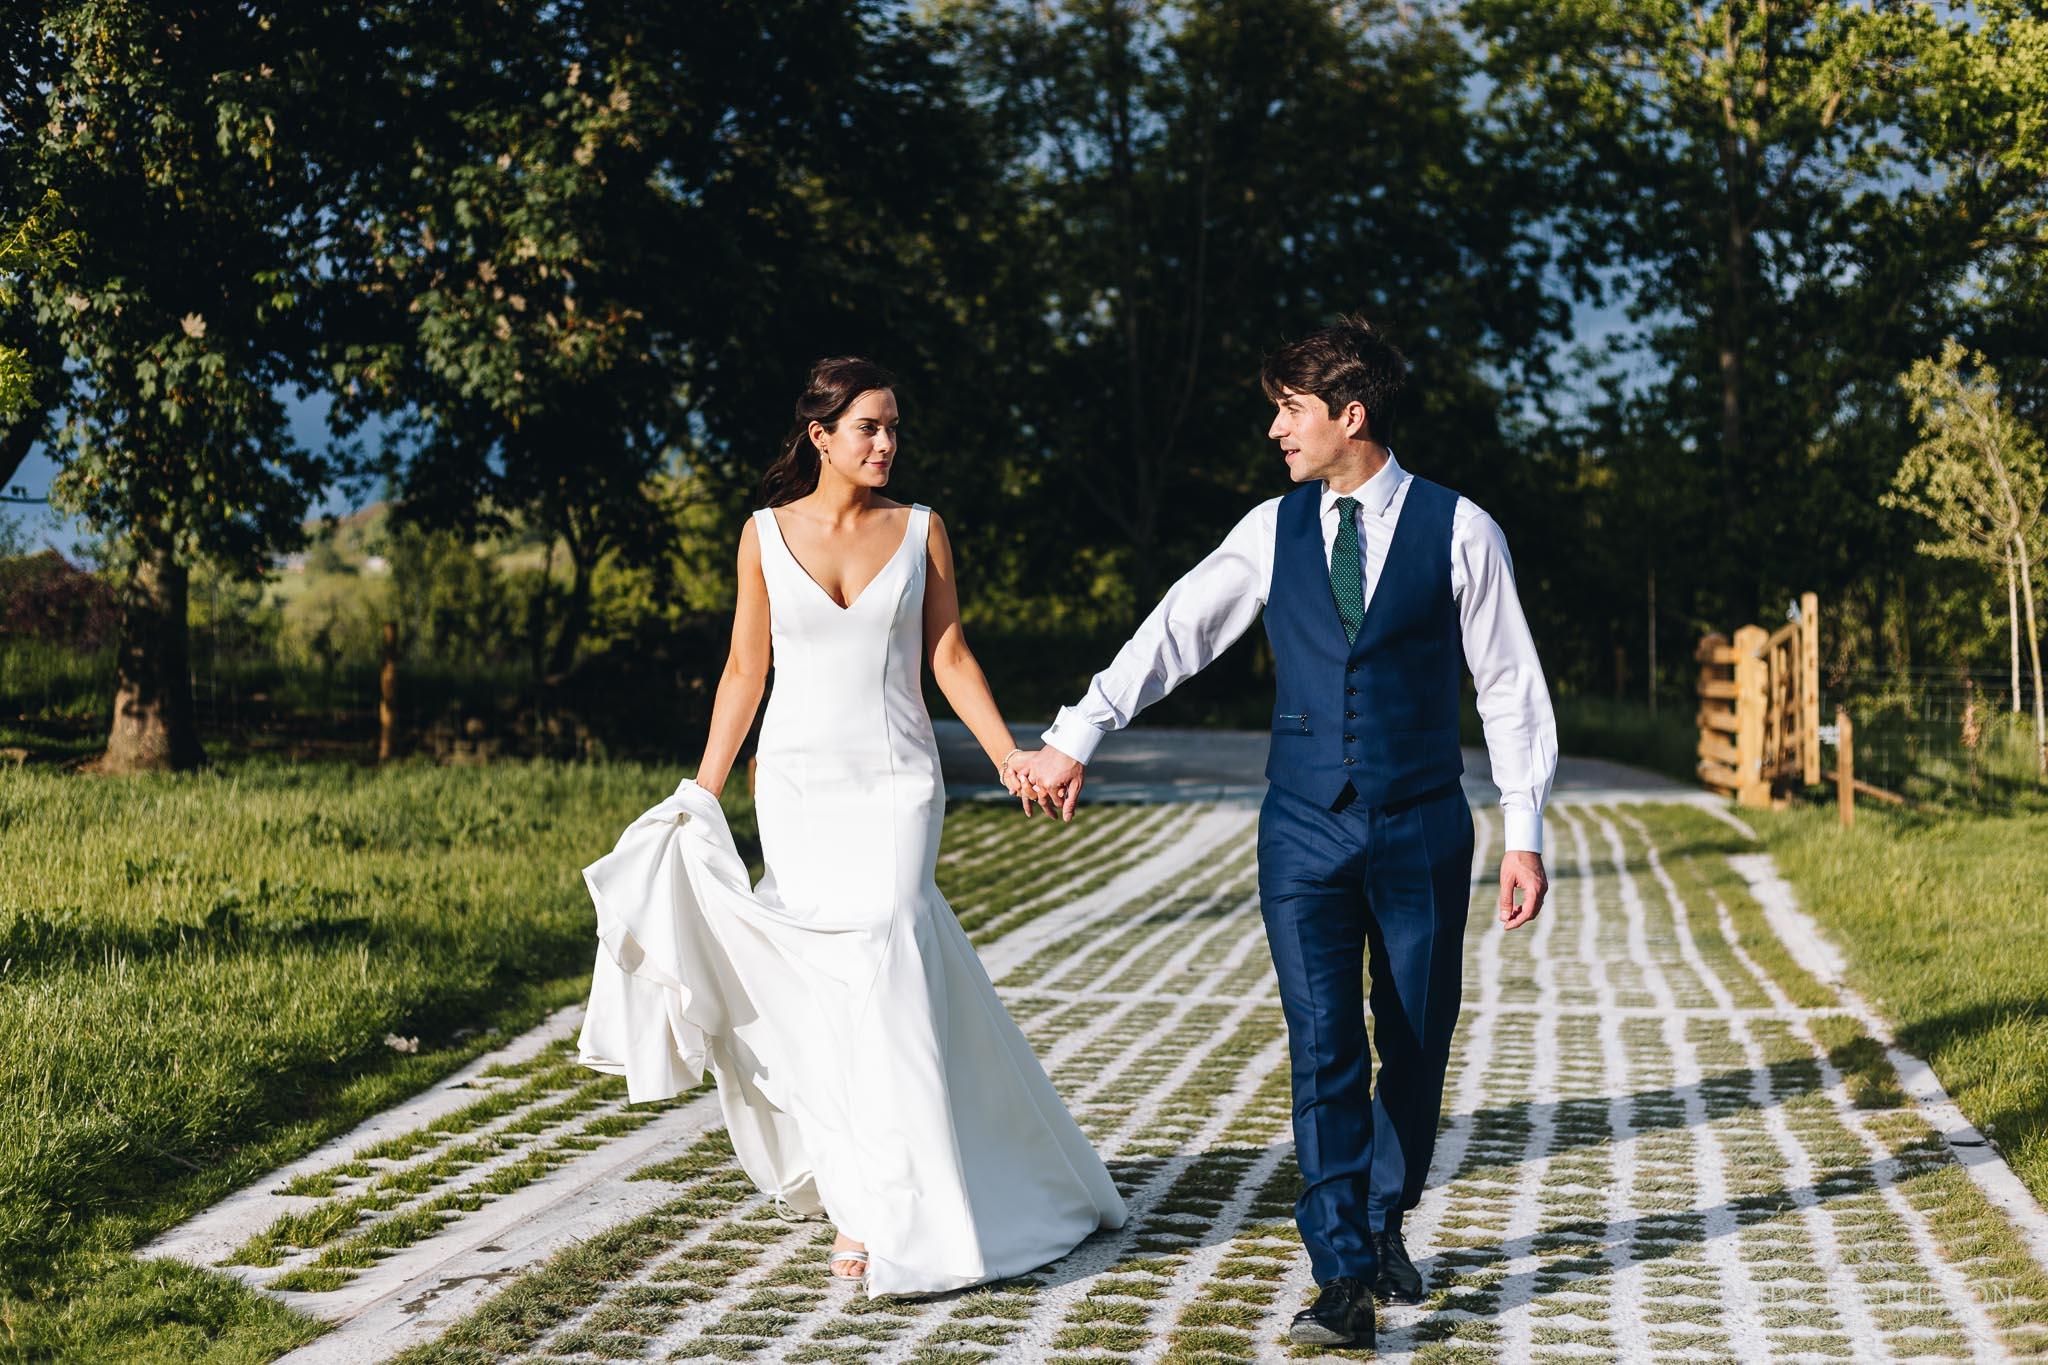 Tithe Barn Bolton Abbey Wedding Photographer_Andy Matheson_071.jpg